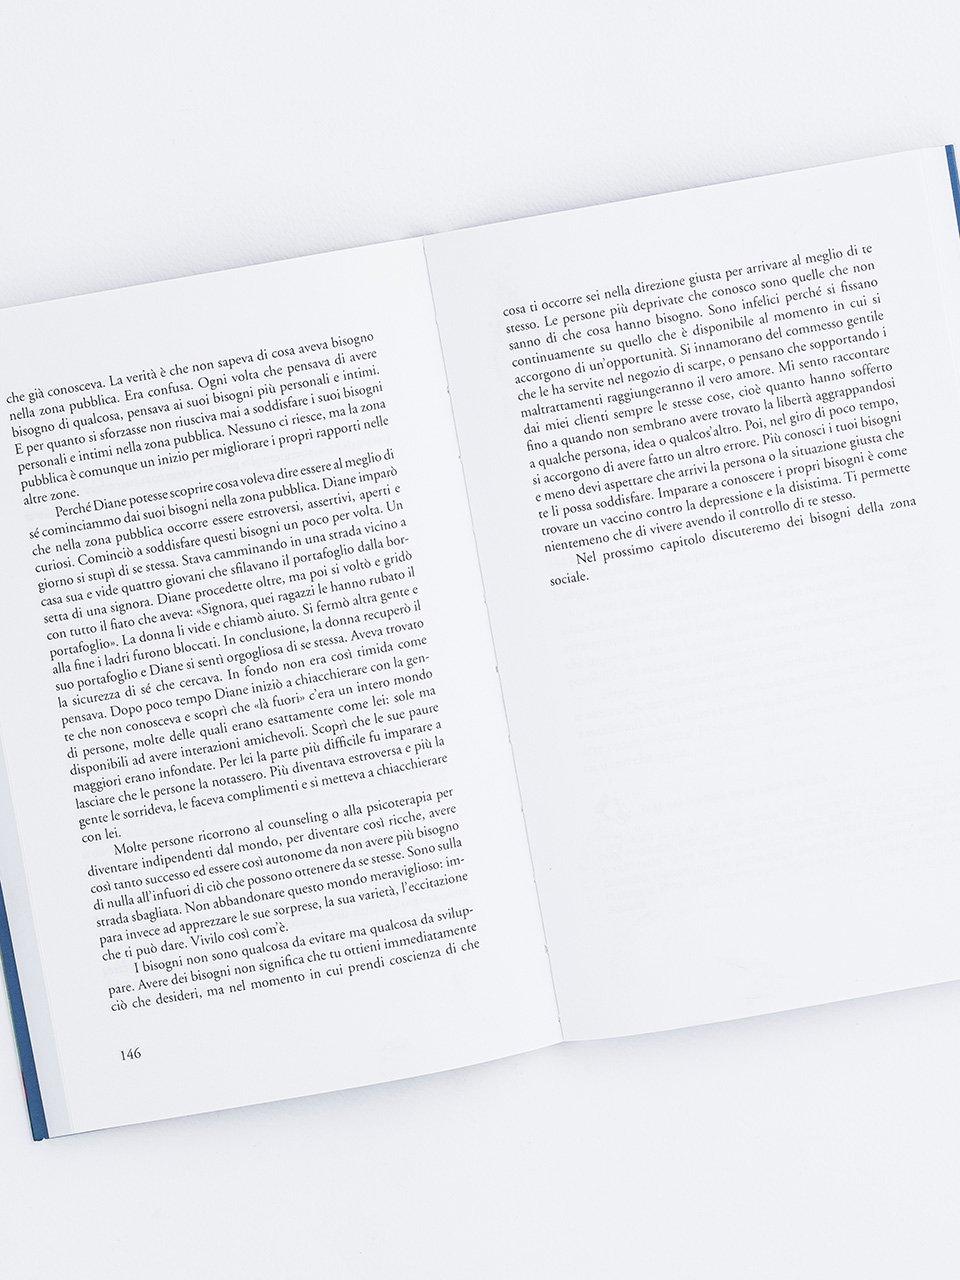 Sincronizzare la personalità - Libri - Erickson 2